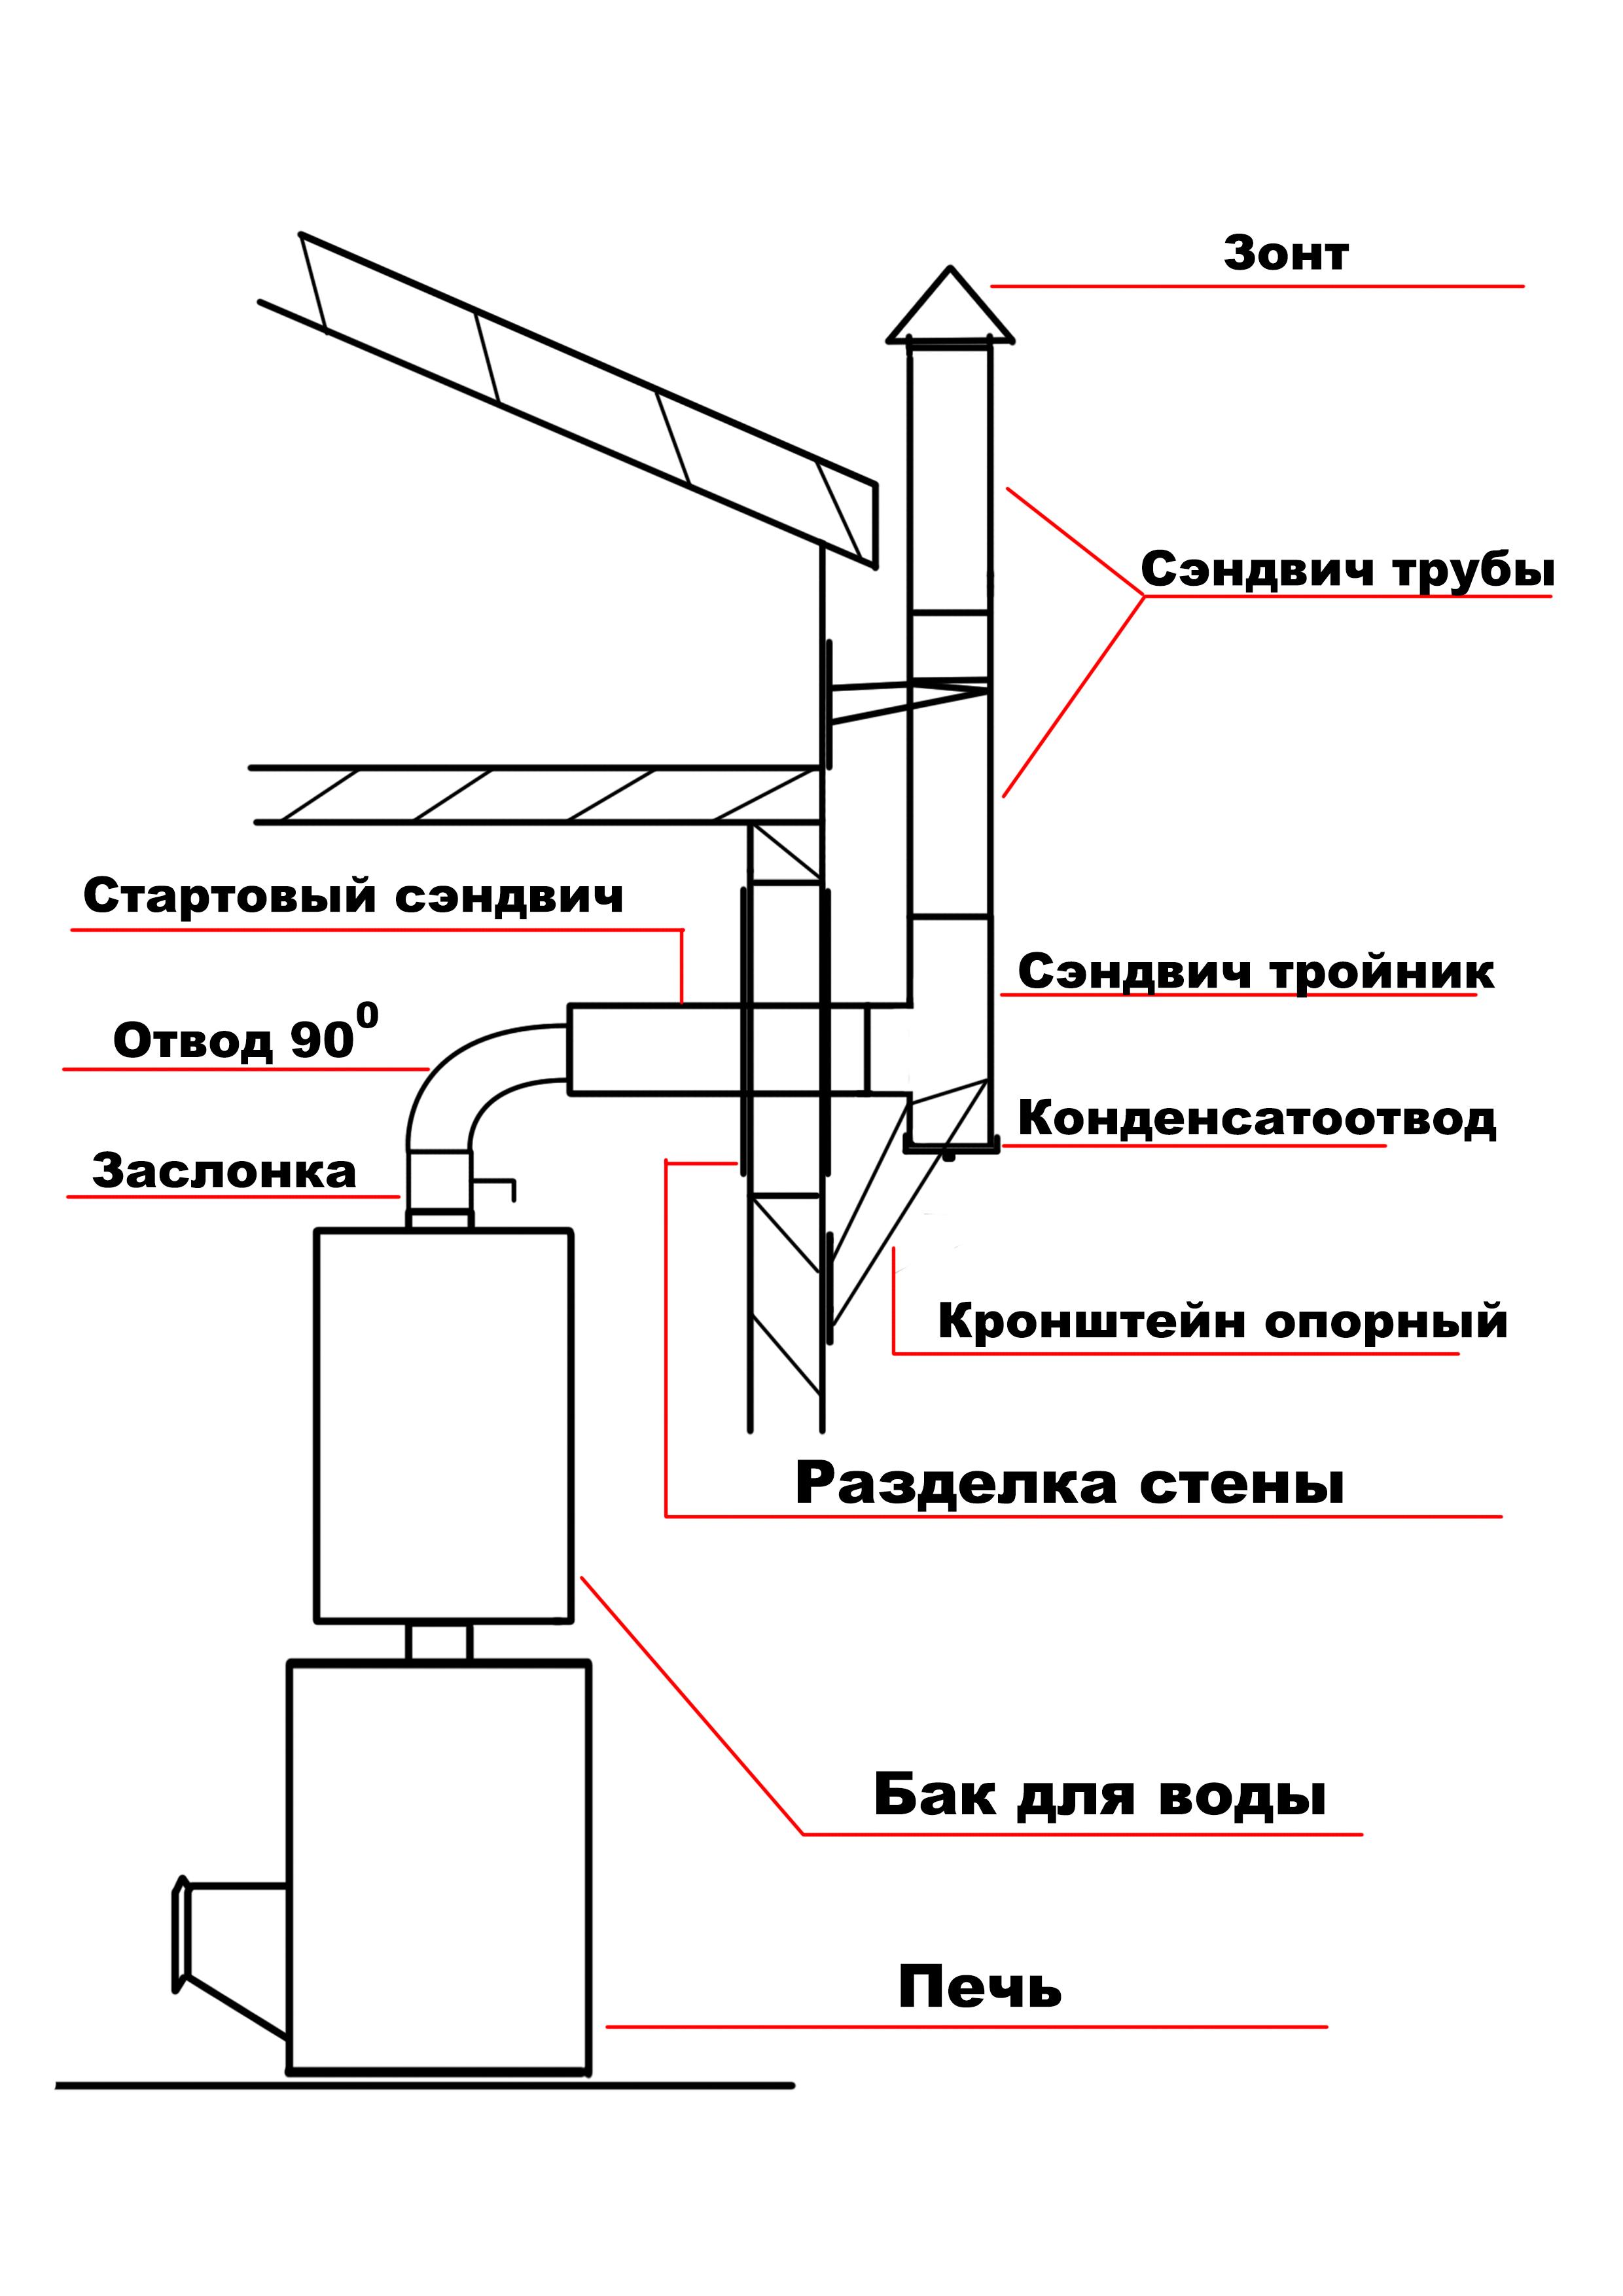 Делаем правильное отверстие в кровле под дымоход в бане